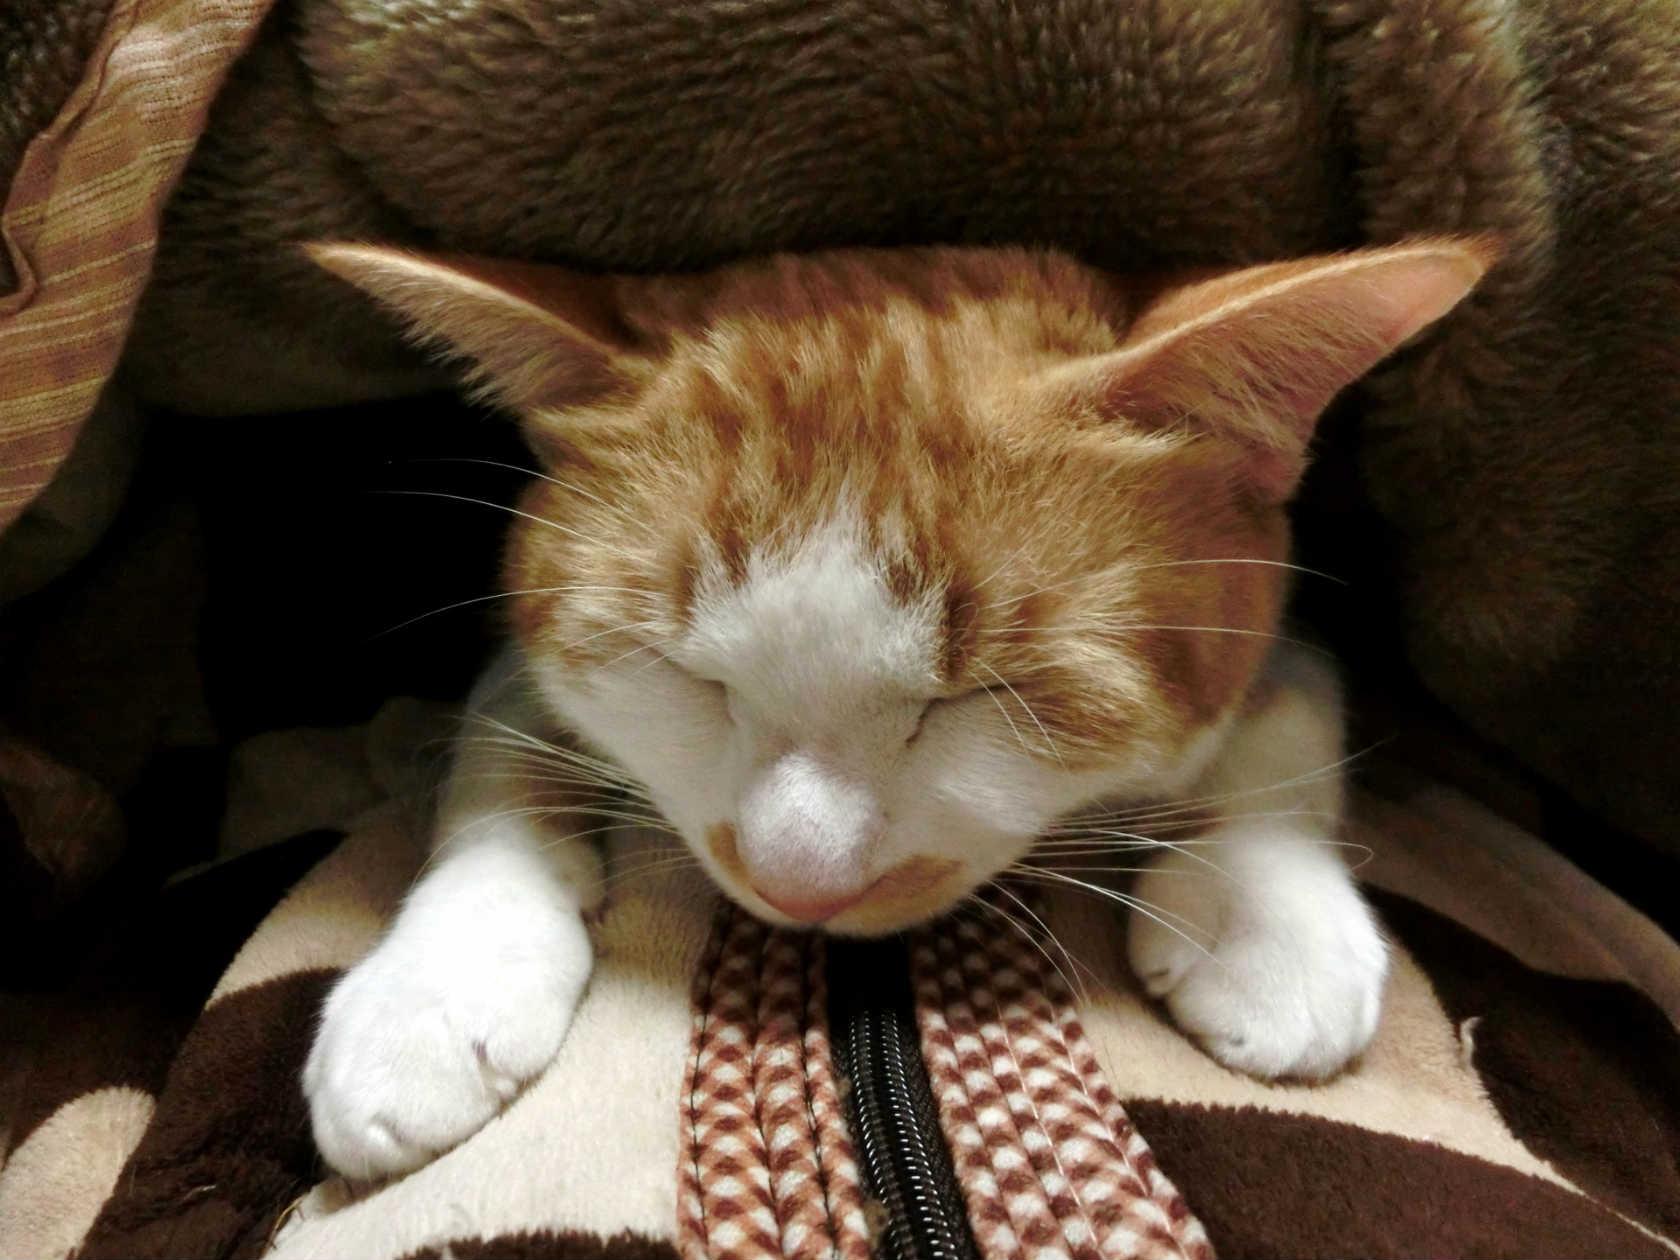 猫が痙攣を起こしたらどうする?対処法と考えられる病気